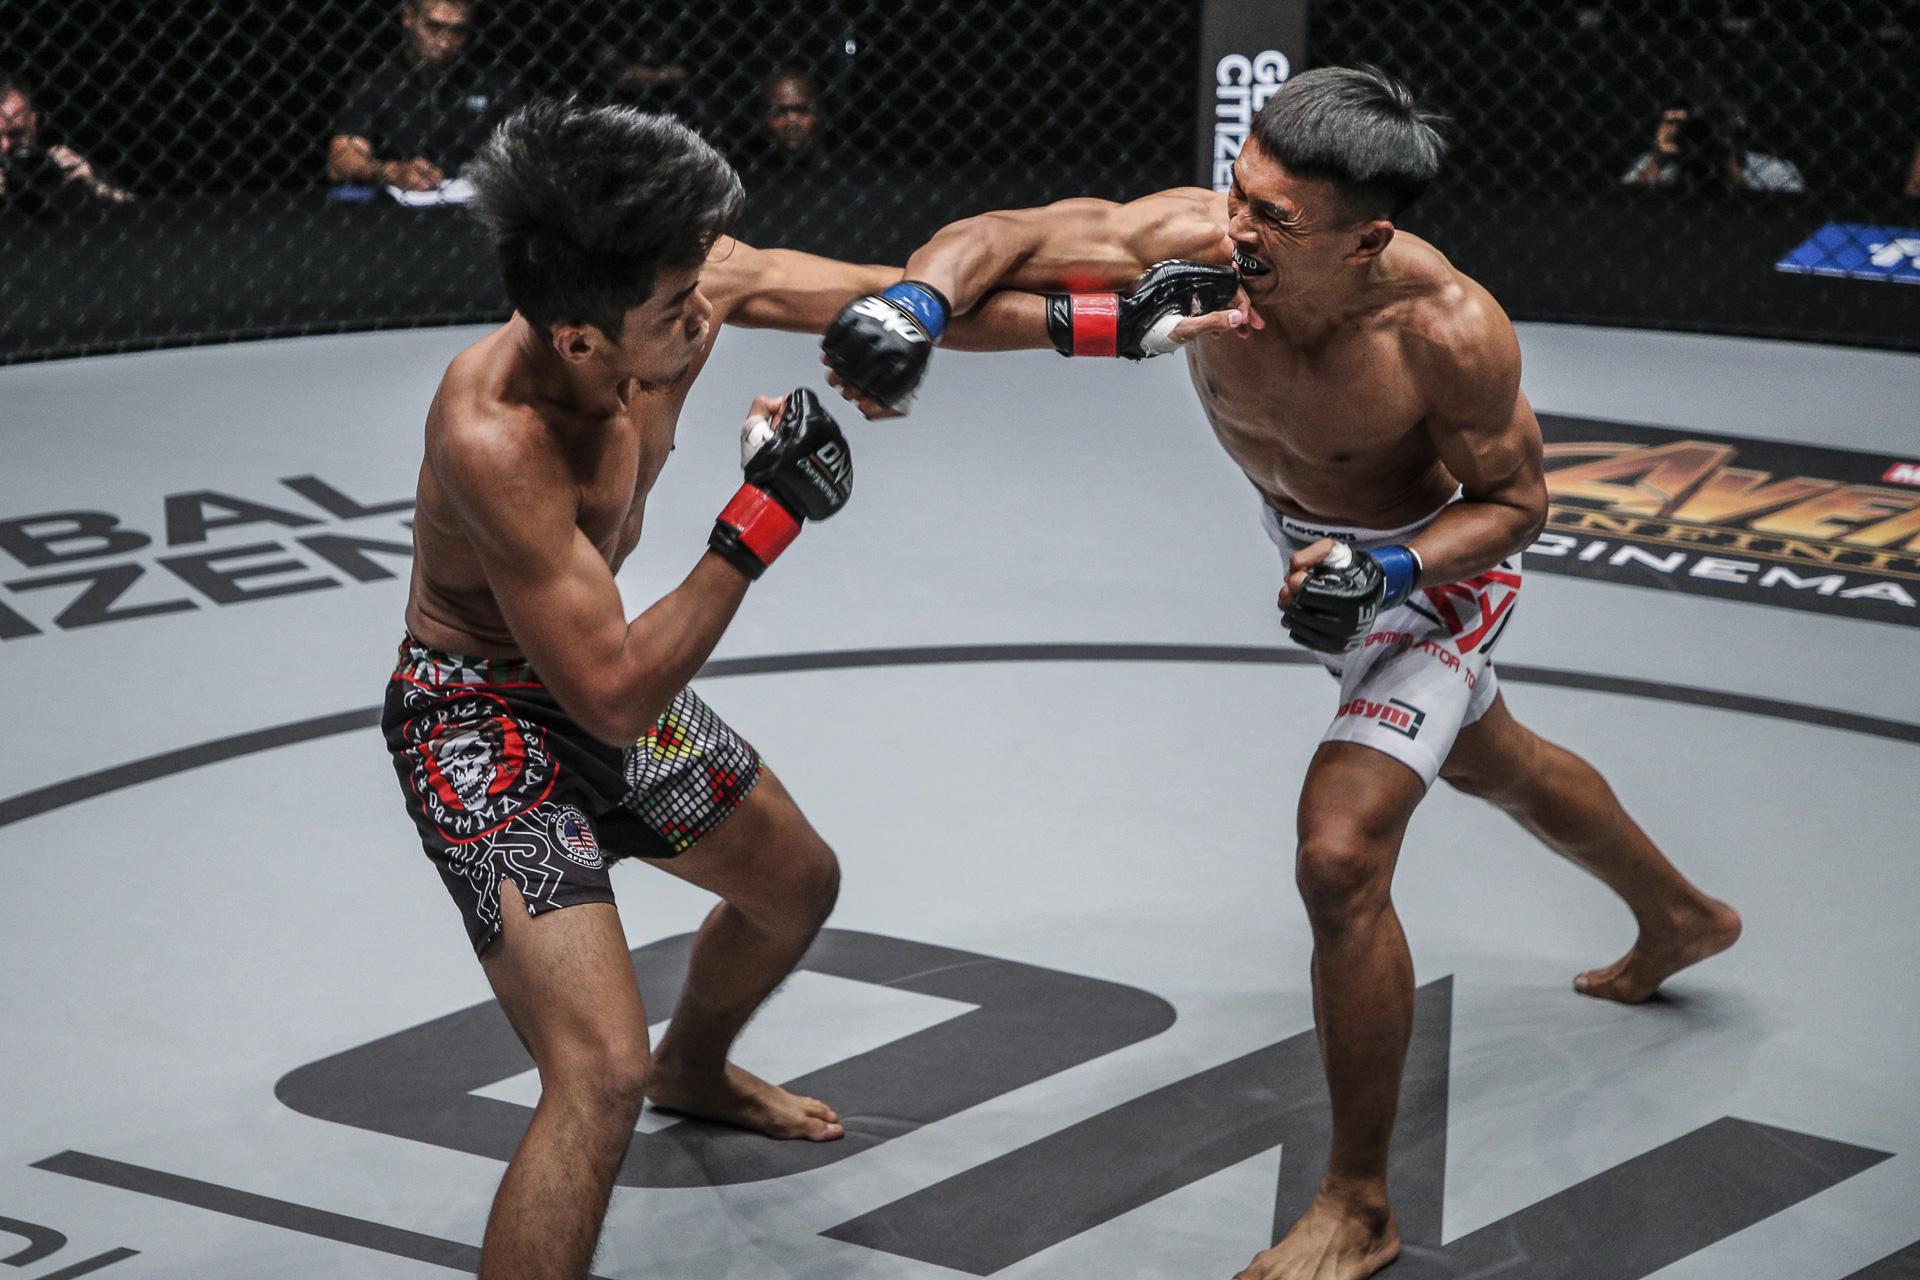 PHOTOS: Sunoto vs Hisyam Samsudin at 'ONE: Iron Will' – CONAN Daily